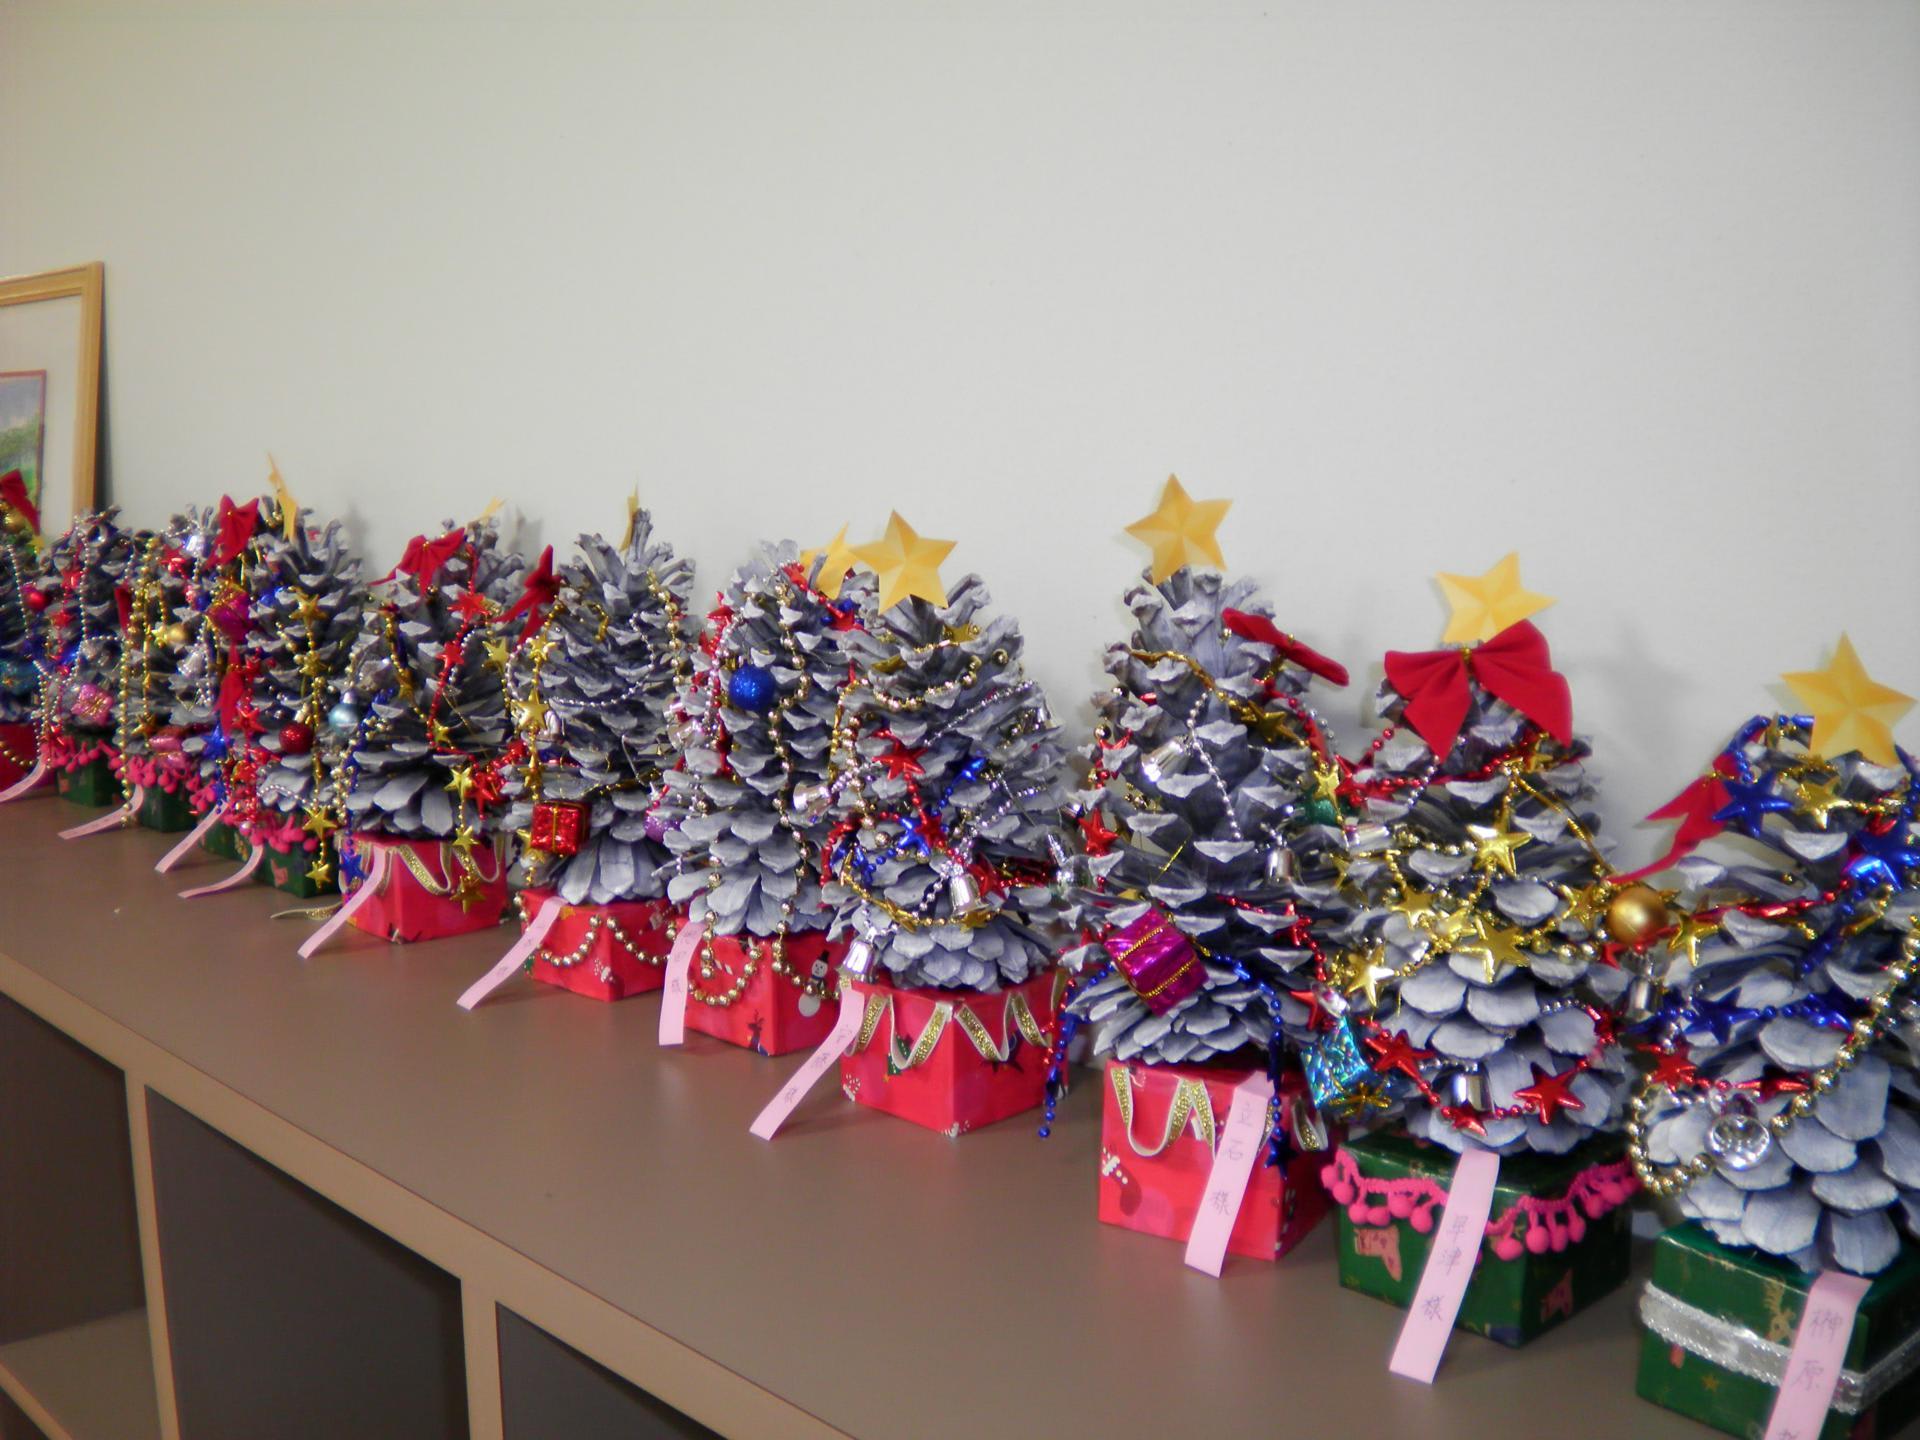 ミニクリスマスツリーの製作を進めています , デイサービス